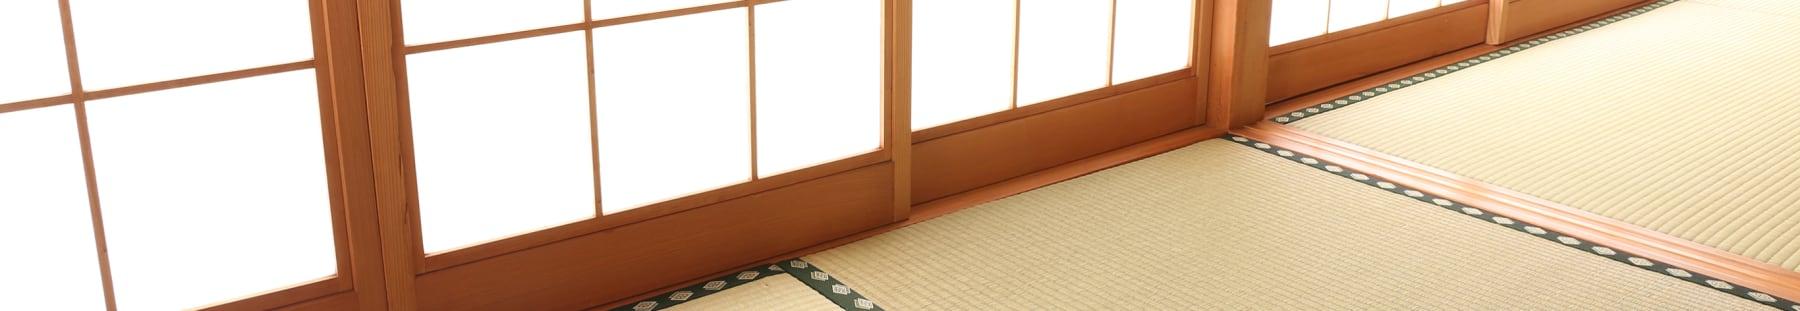 沖縄県の和室なレンタルスペース